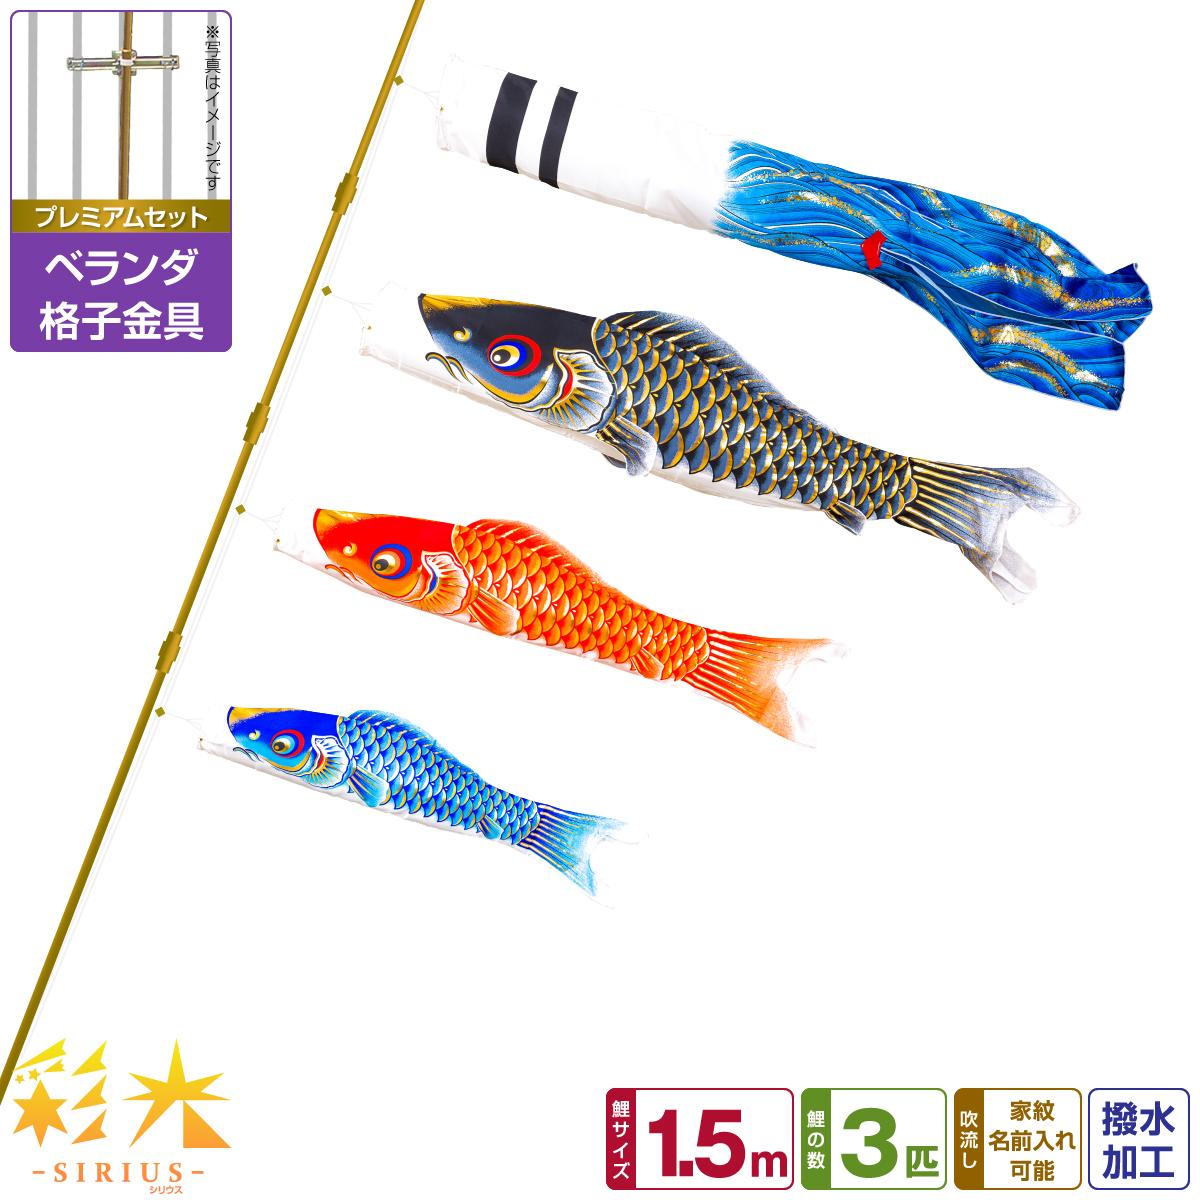 ベランダ用 こいのぼり 鯉のぼり SIRIUS/彩光鯉 1.5m 6点(吹流し+鯉3匹+矢車+ロープ)/プレミアムセット(格子金具)